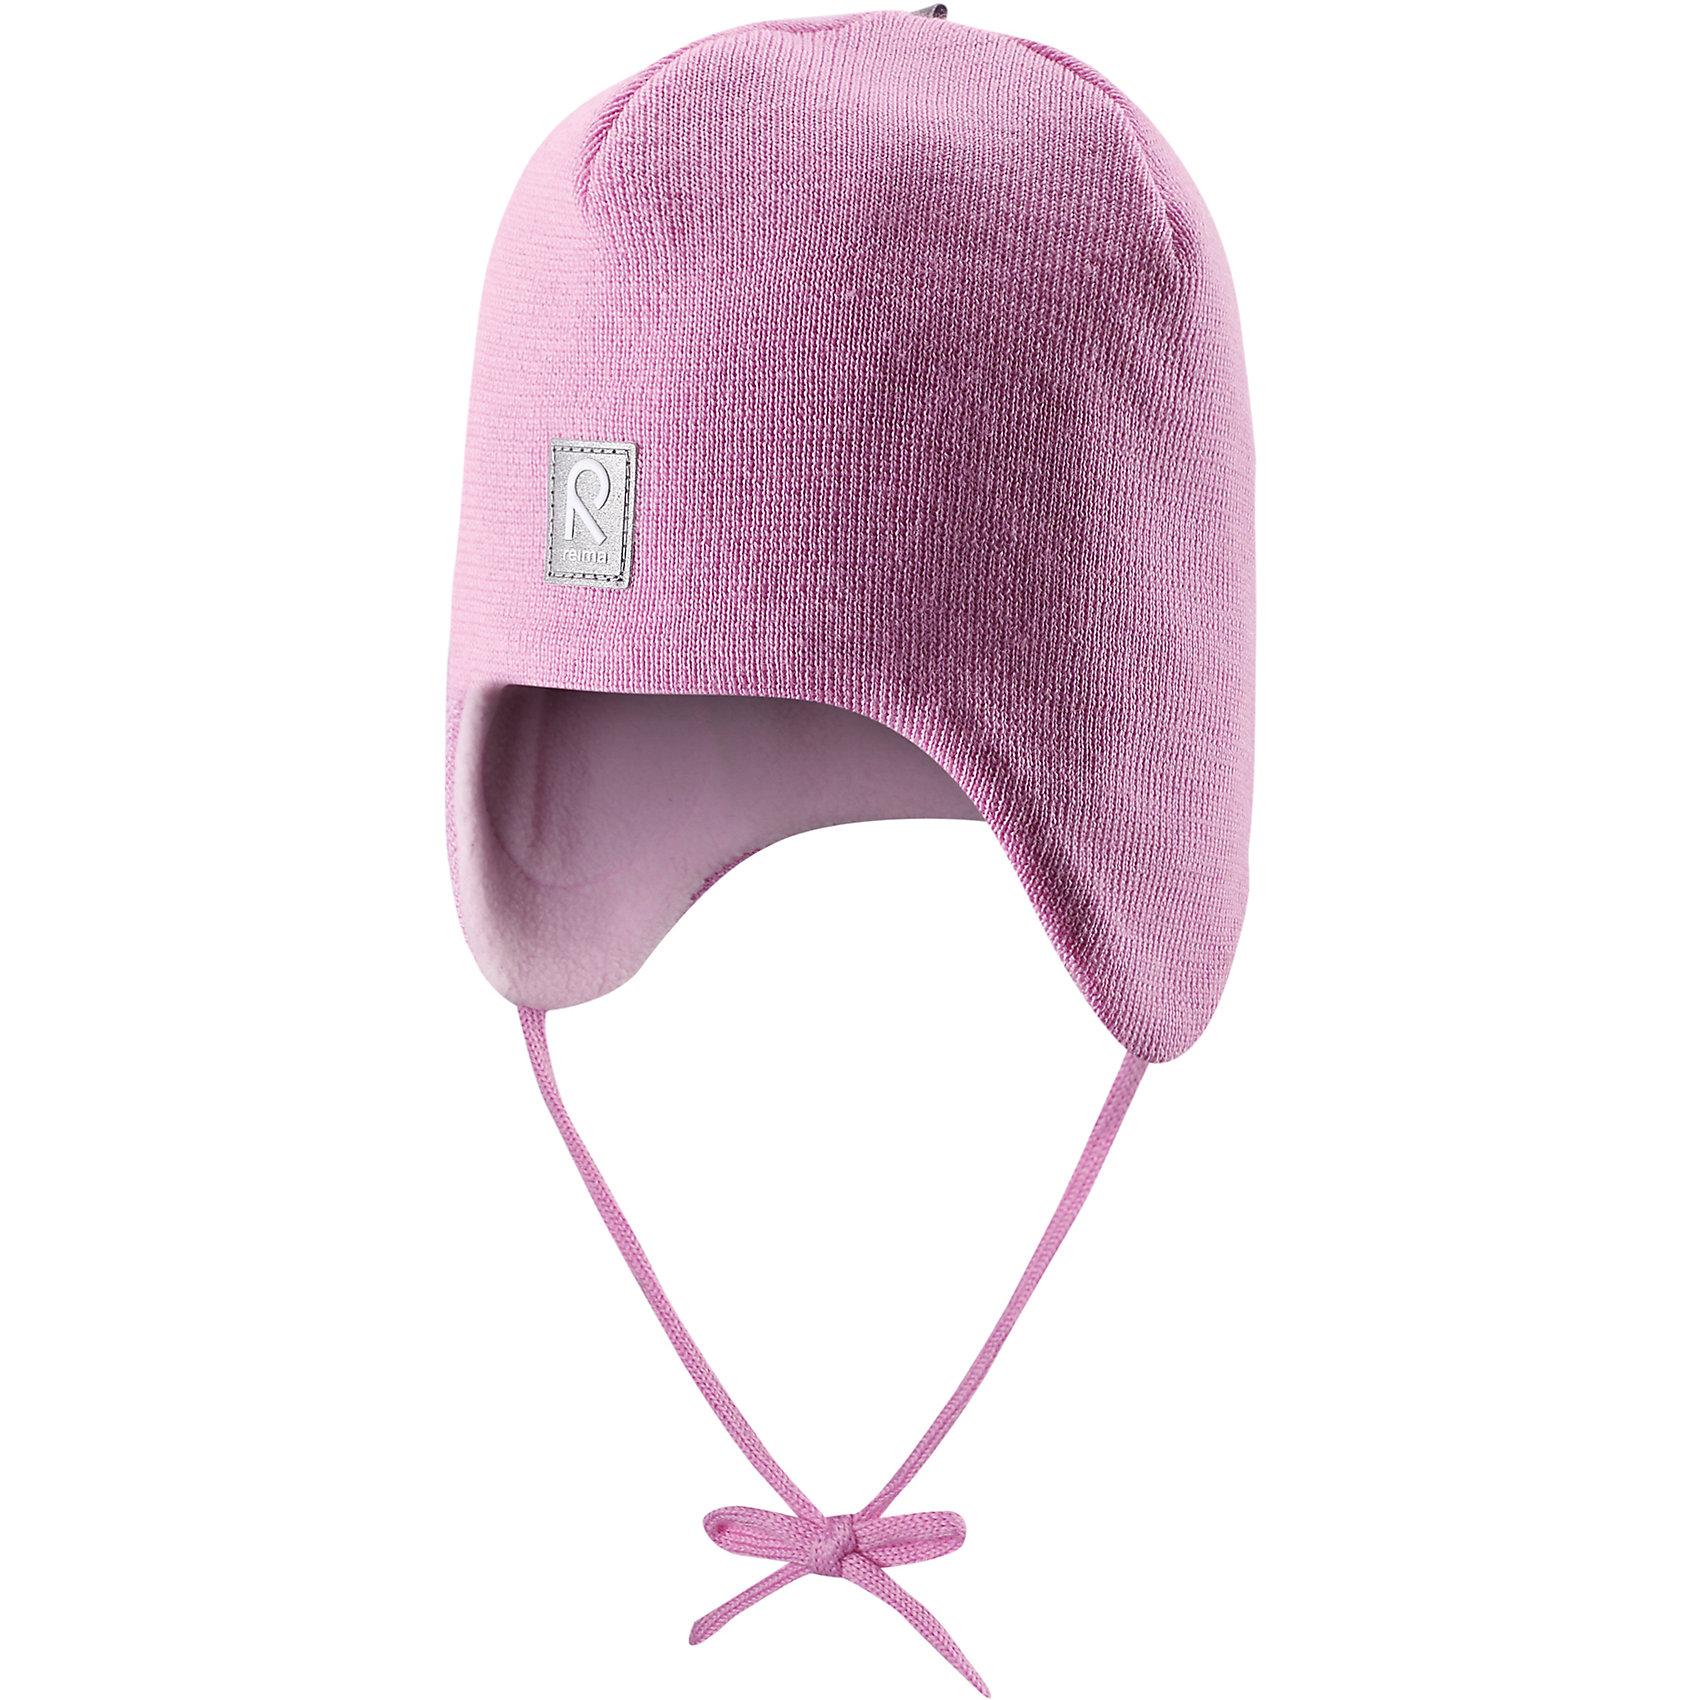 Шапка для девочки ReimaЛюбимая шапка малышей в модных цветах сезона надёжно согреет в холодные зимние дни! Шерстяная шапка для малышей согреет в морозную погоду: мягкая подкладка из флиса для тепла и комфорта. Шерстяная шапка с подкладкой из флиса особенно подходит для маленьких приключений на свежем воздухе, потому что флис быстро высыхает и хорошо выводит влагу. Благодаря эластичной вязке шапка плотно прилегает, а ветронепроницаемые вставки в области ушей защищают маленькие ушки от холодного ветра. Завязки надёжно фиксируют шапку на голове и не натирают. Для завершения стильного образа носите с тёплой горловиной Star!<br><br>Шерстяная шапка для малышей <br>Полностью на подкладке: Мягкий тёплый флис<br>Ветронепроницаемые вставки в области ушей <br>Доступна в однотонном и полосатом вариантах<br>Состав:<br>100% Шерсть<br><br><br>Шапку Reima (Рейма) можно купить в нашем магазине.<br><br>Ширина мм: 89<br>Глубина мм: 117<br>Высота мм: 44<br>Вес г: 155<br>Цвет: розовый<br>Возраст от месяцев: 6<br>Возраст до месяцев: 9<br>Пол: Женский<br>Возраст: Детский<br>Размер: 46,50,52,48<br>SKU: 4208660